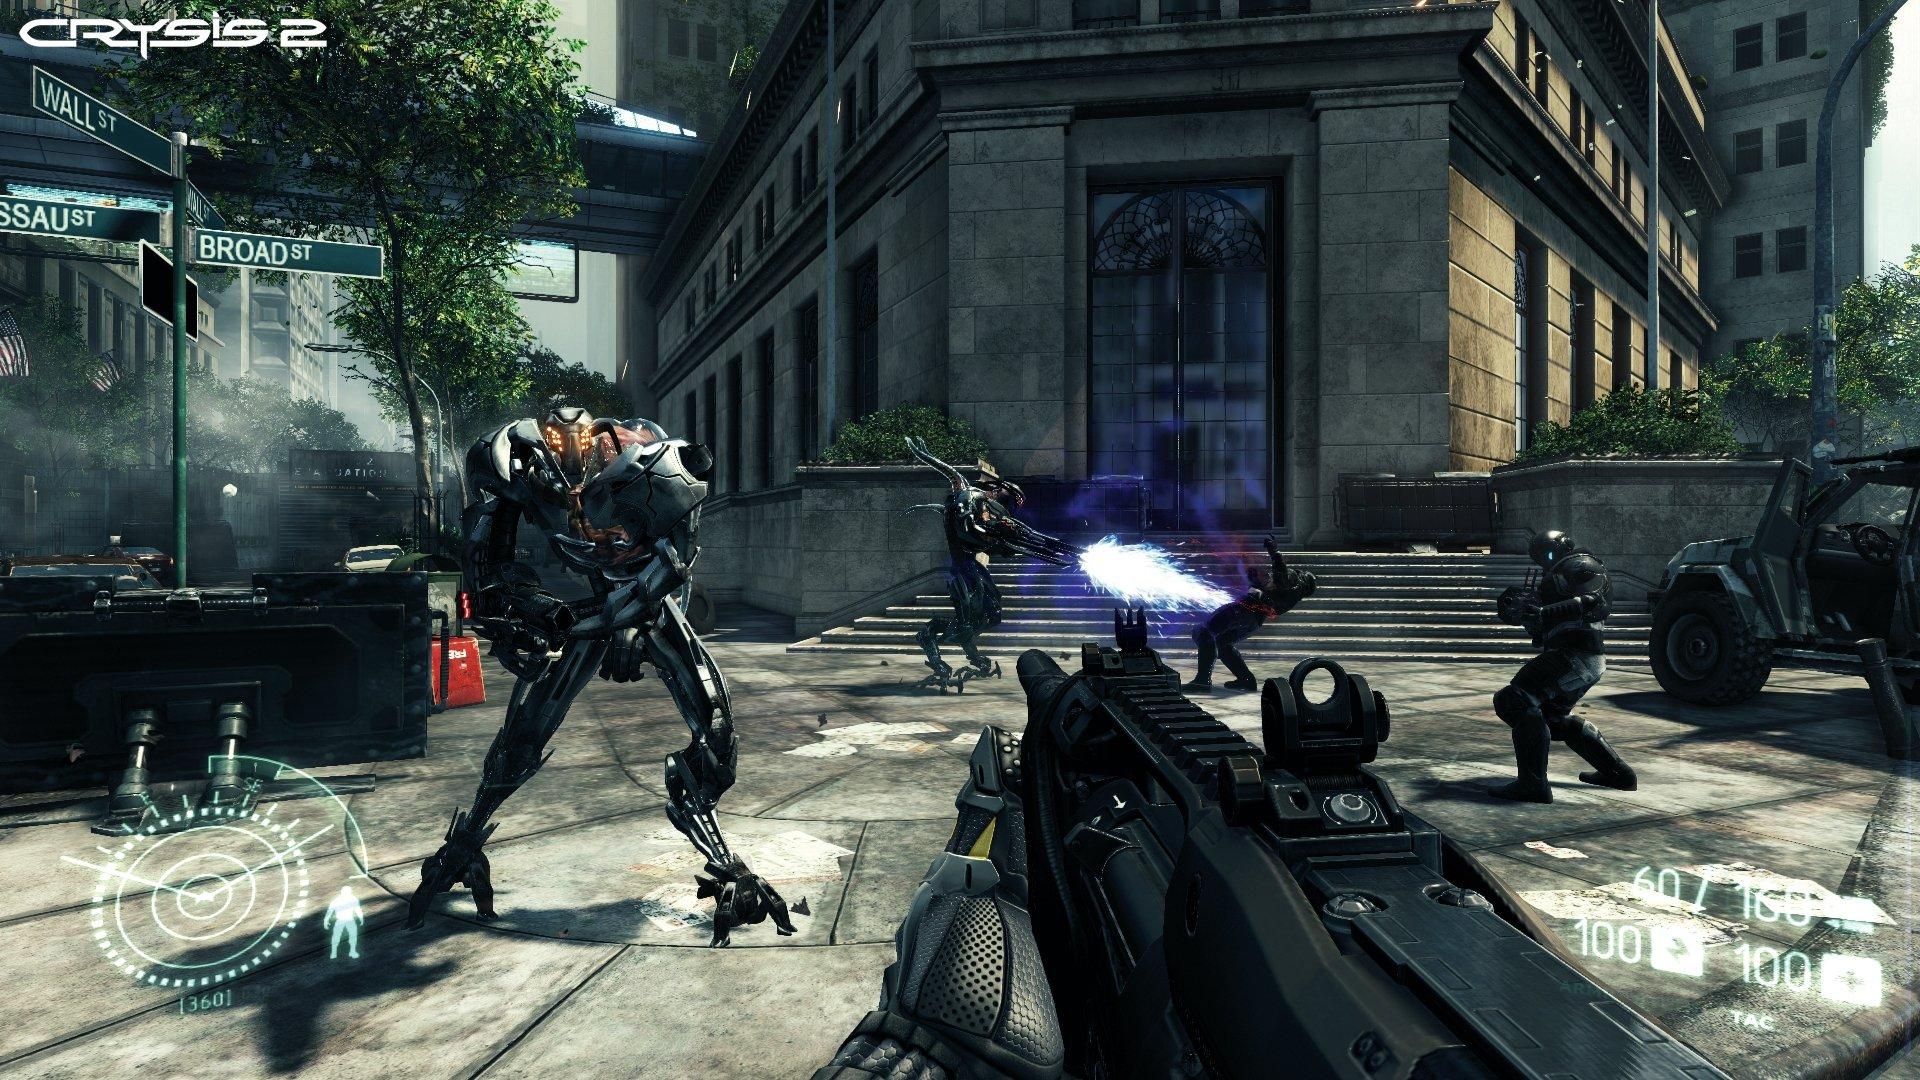 El demo de Crysis 2 para PC ya está listo para descargar [Demo]